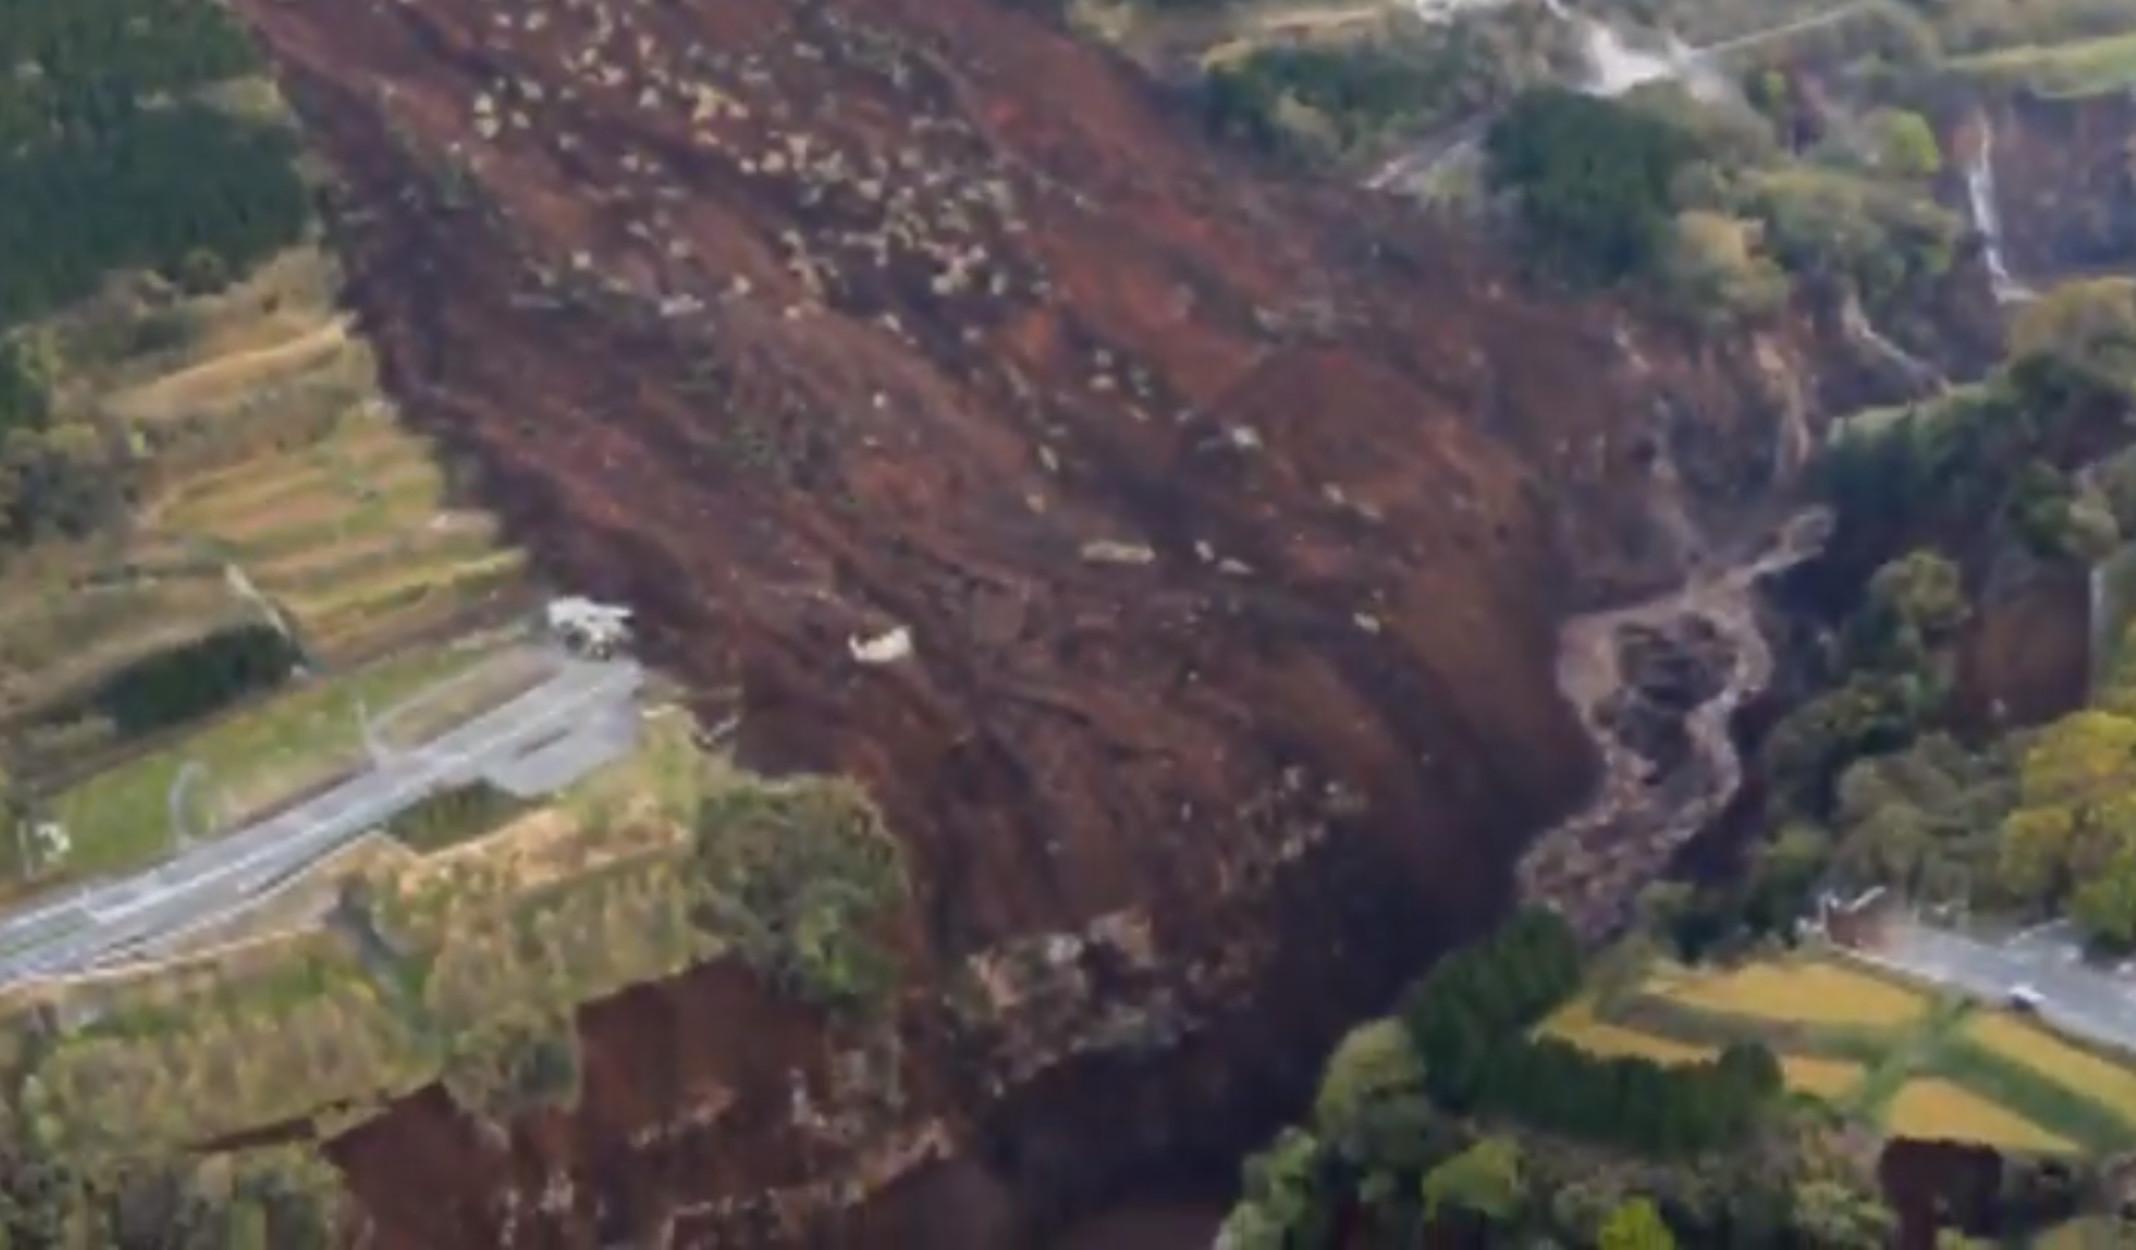 Μιανμάρ: Τουλάχιστον 50 νεκροί από κατάρρευση ορυχείου! (video)